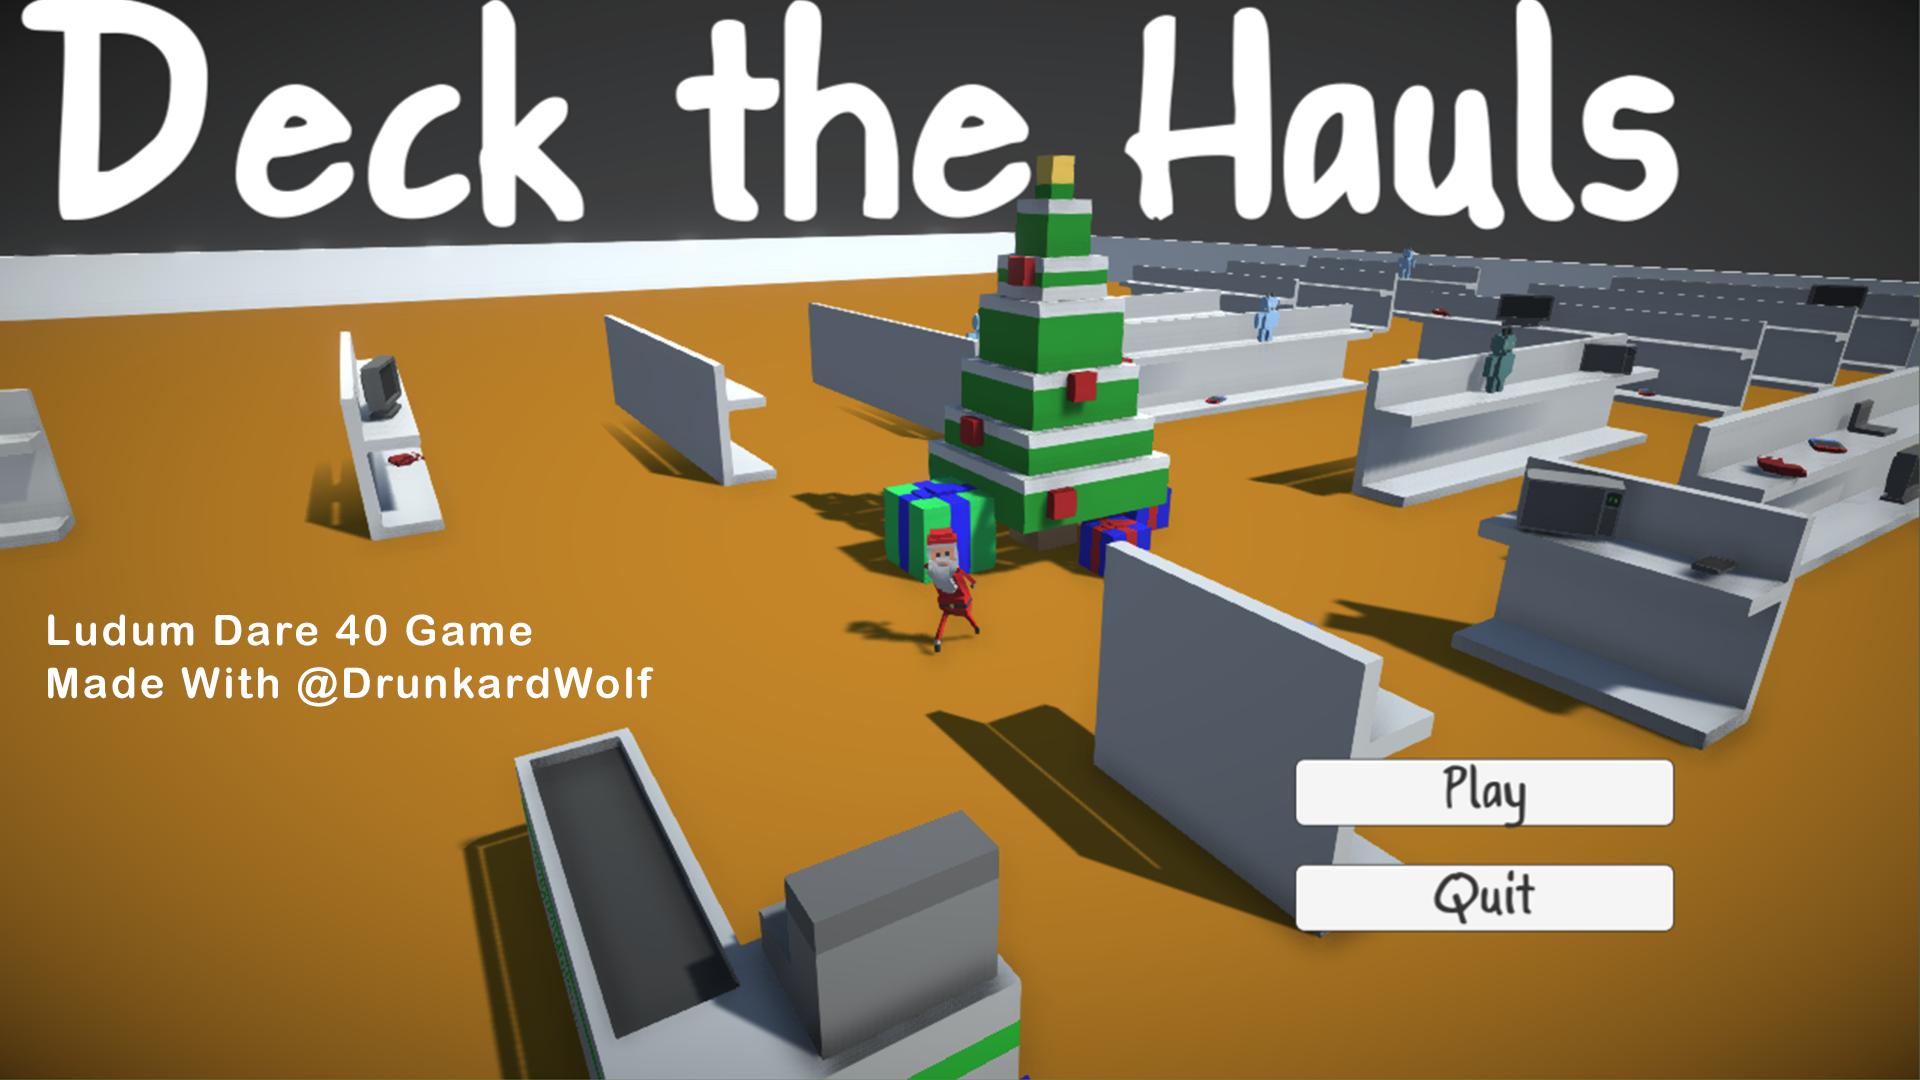 Deck the Hauls